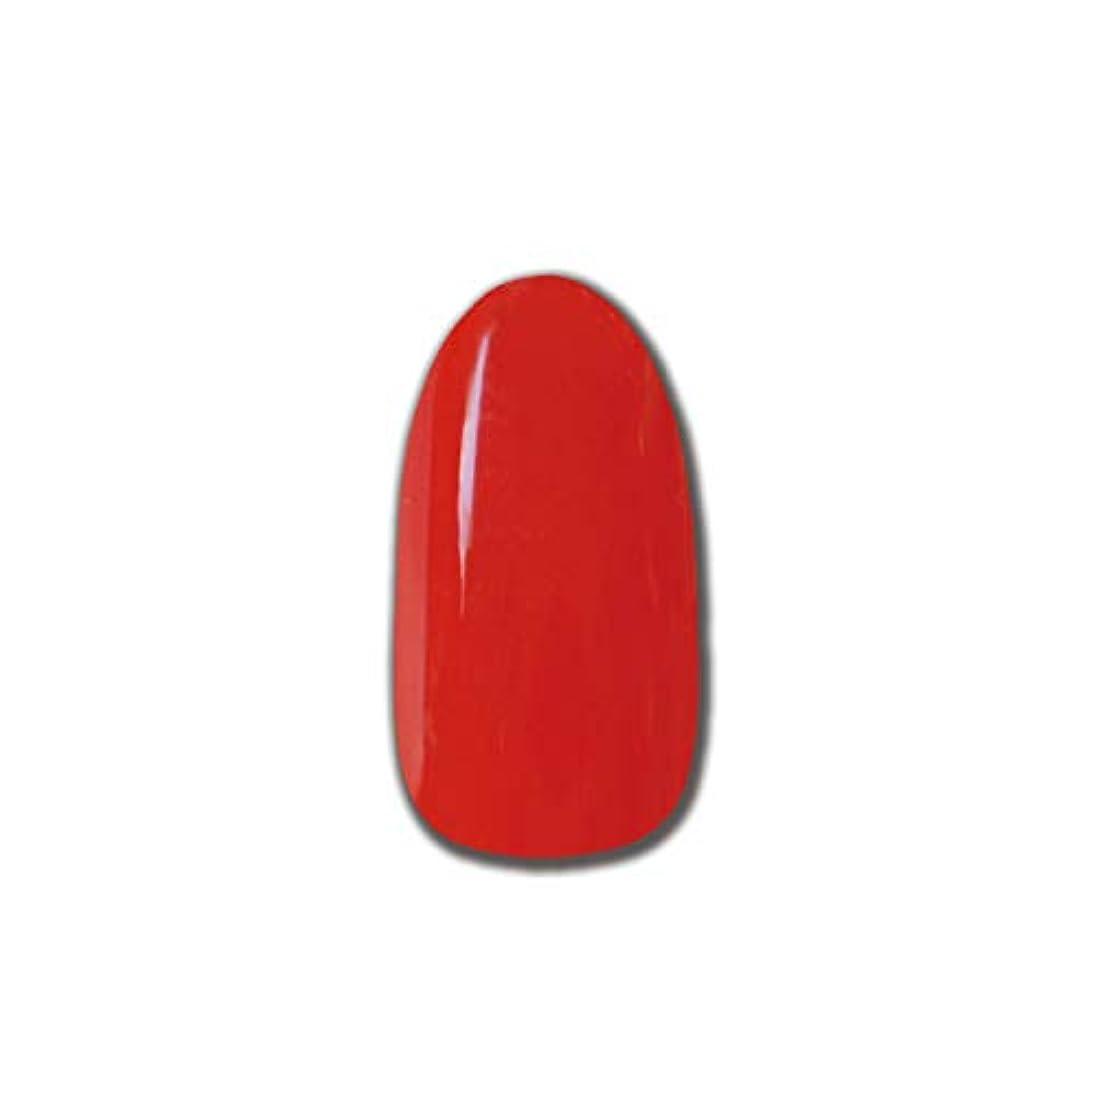 柔らかい足画面パウダーT-GEL COLLECTION カラージェル D193 ミディアムレッド 4ml